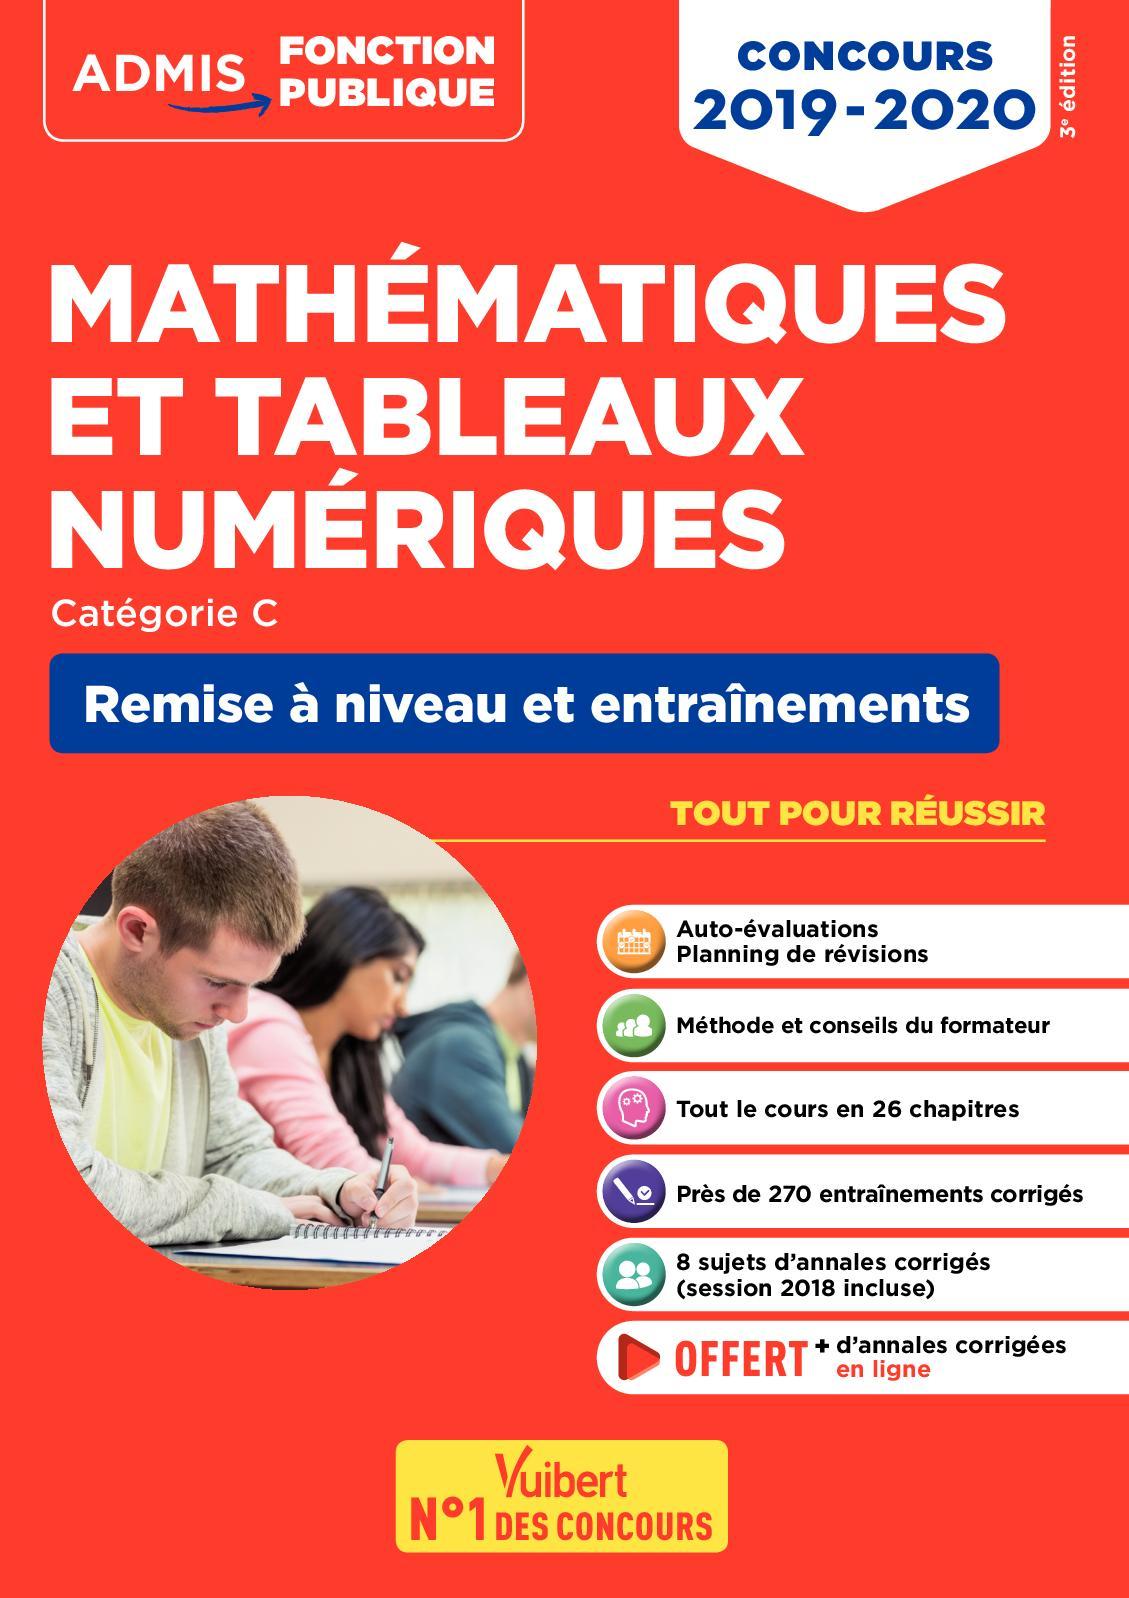 Mathématiques et tableaux numériques - Remise à niveau et entraînement - Catégorie C